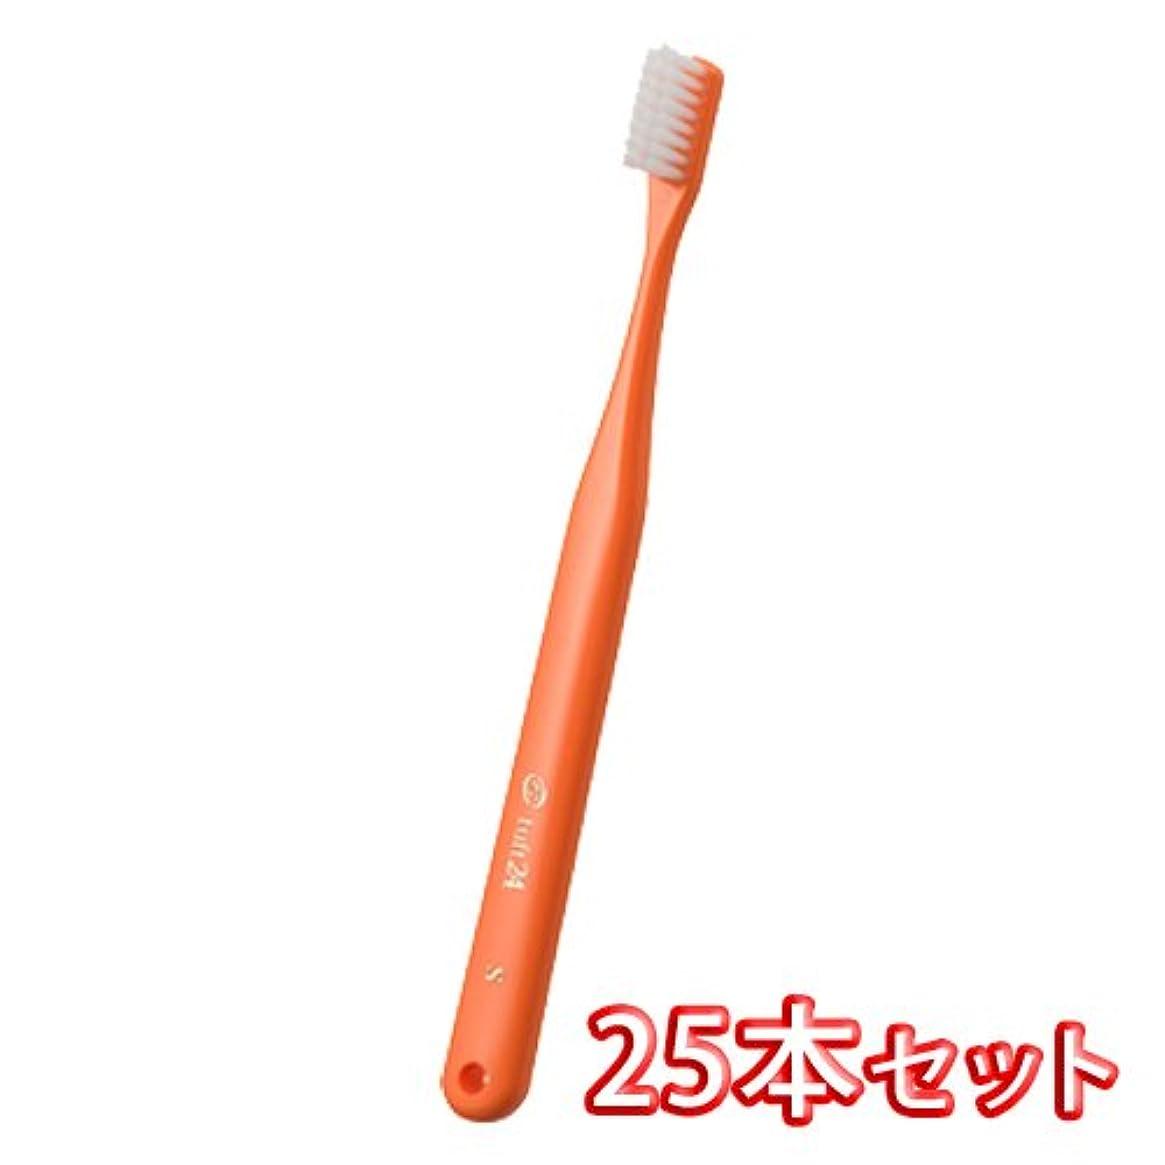 飢発言するクラブオーラルケア キャップ付き タフト 24 歯ブラシ 25本入 ミディアムソフト MS (オレンジ)